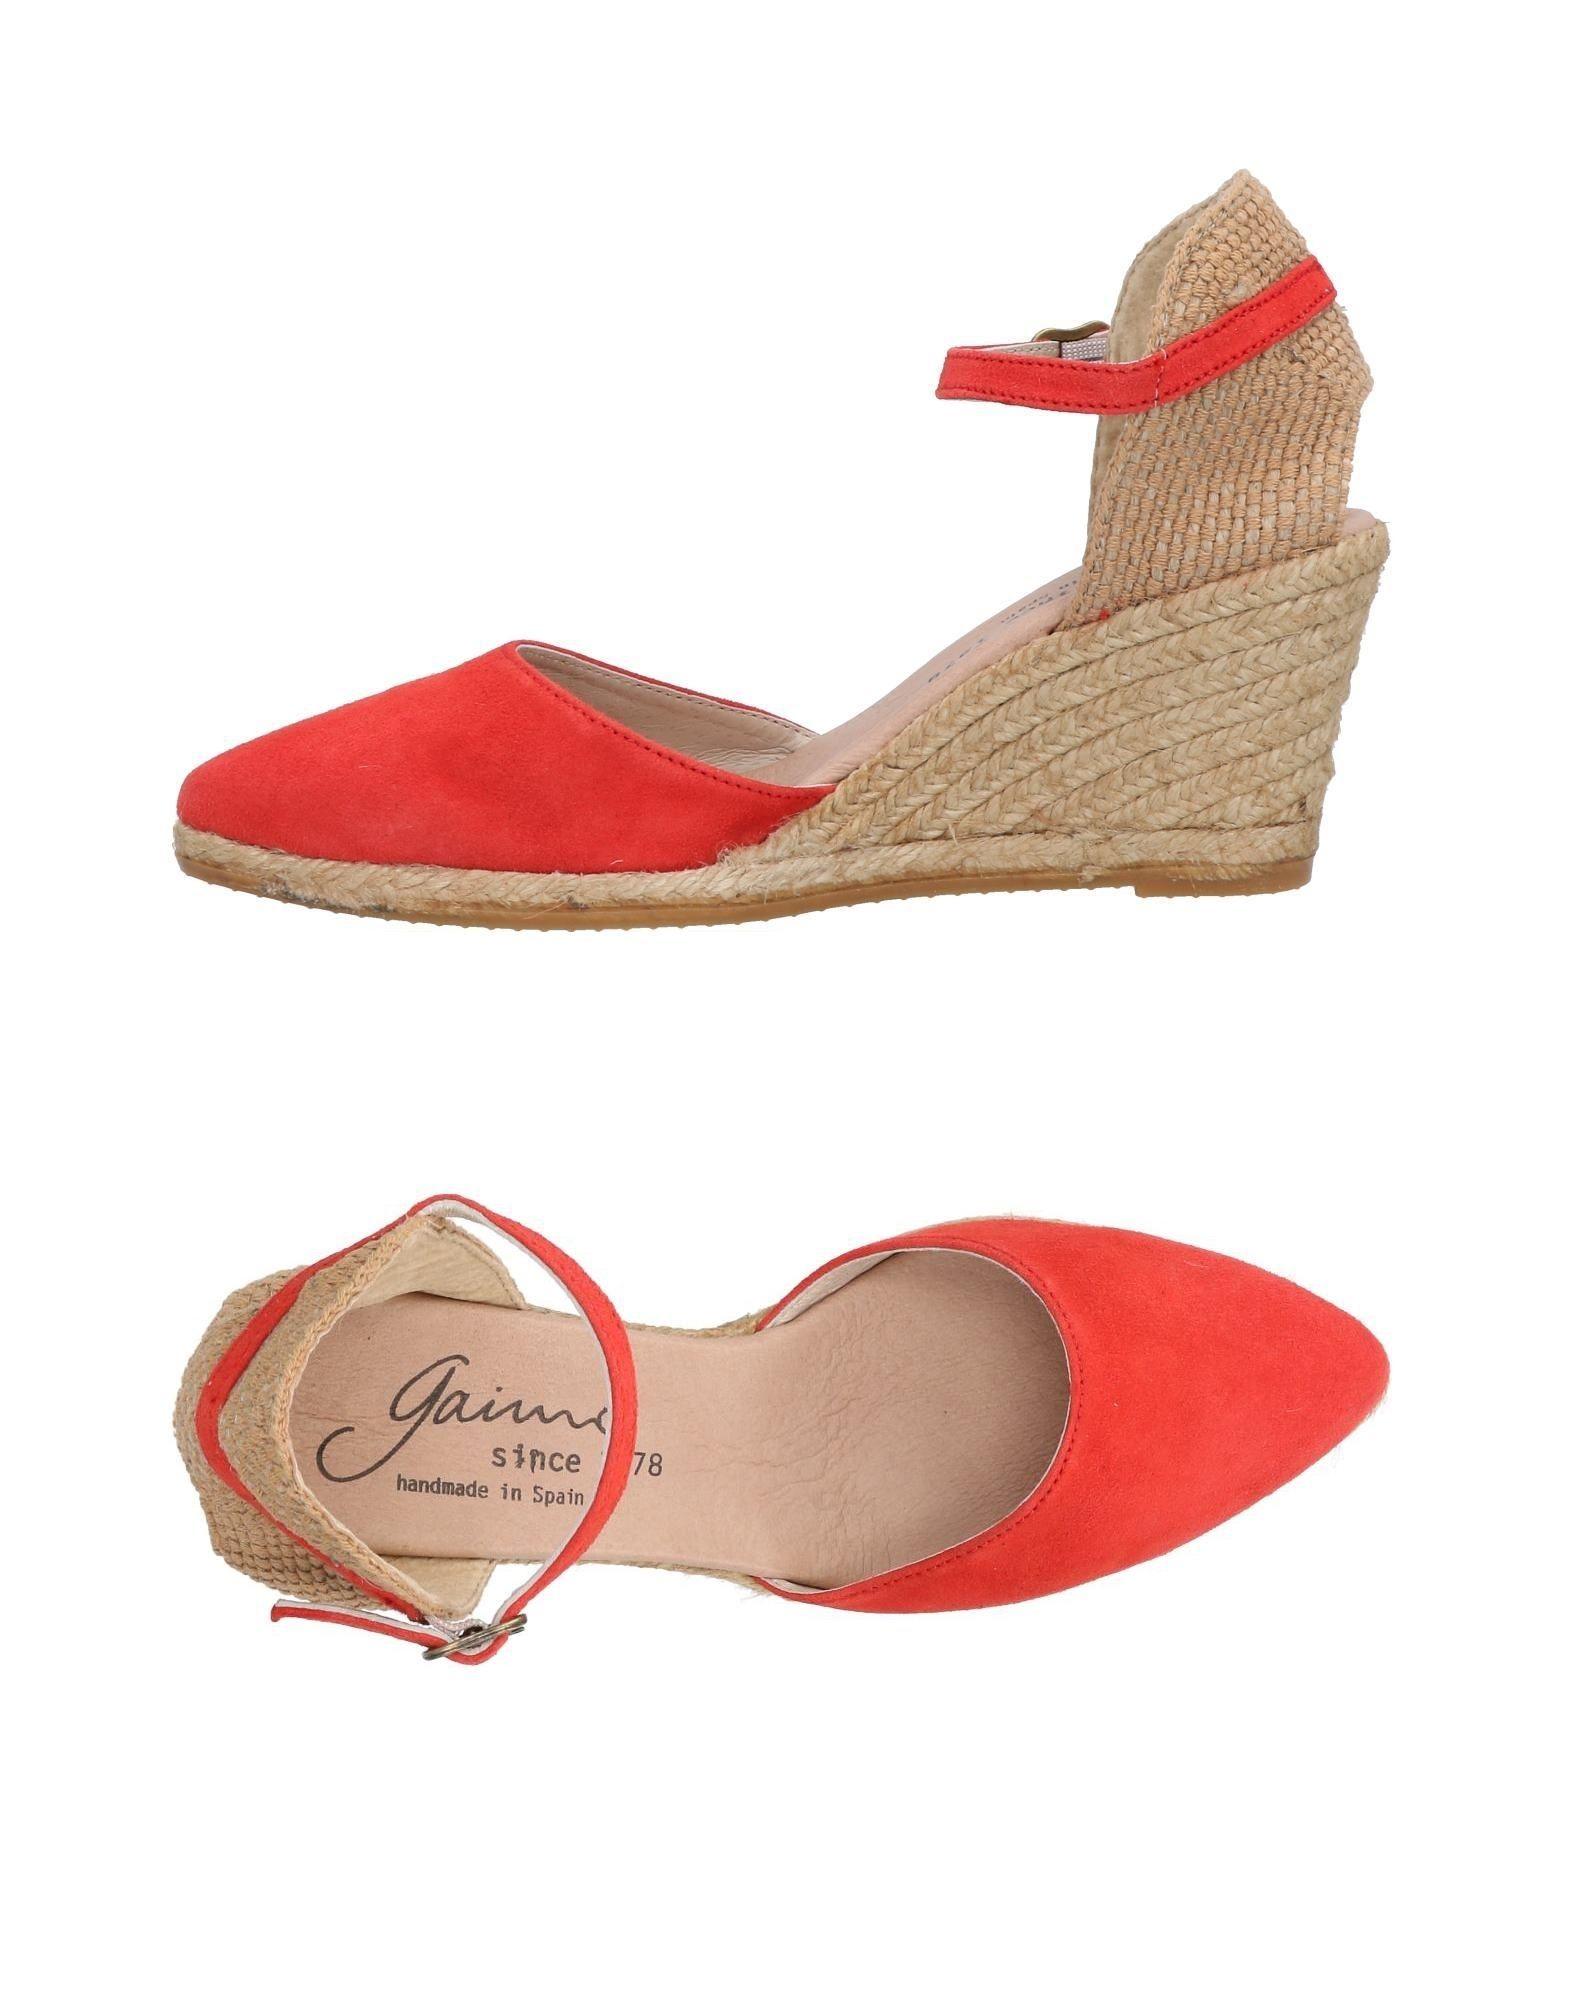 Gaimo Espadrilles Damen  11447142WK Gute Qualität beliebte Schuhe Schuhe Schuhe 9ebba9